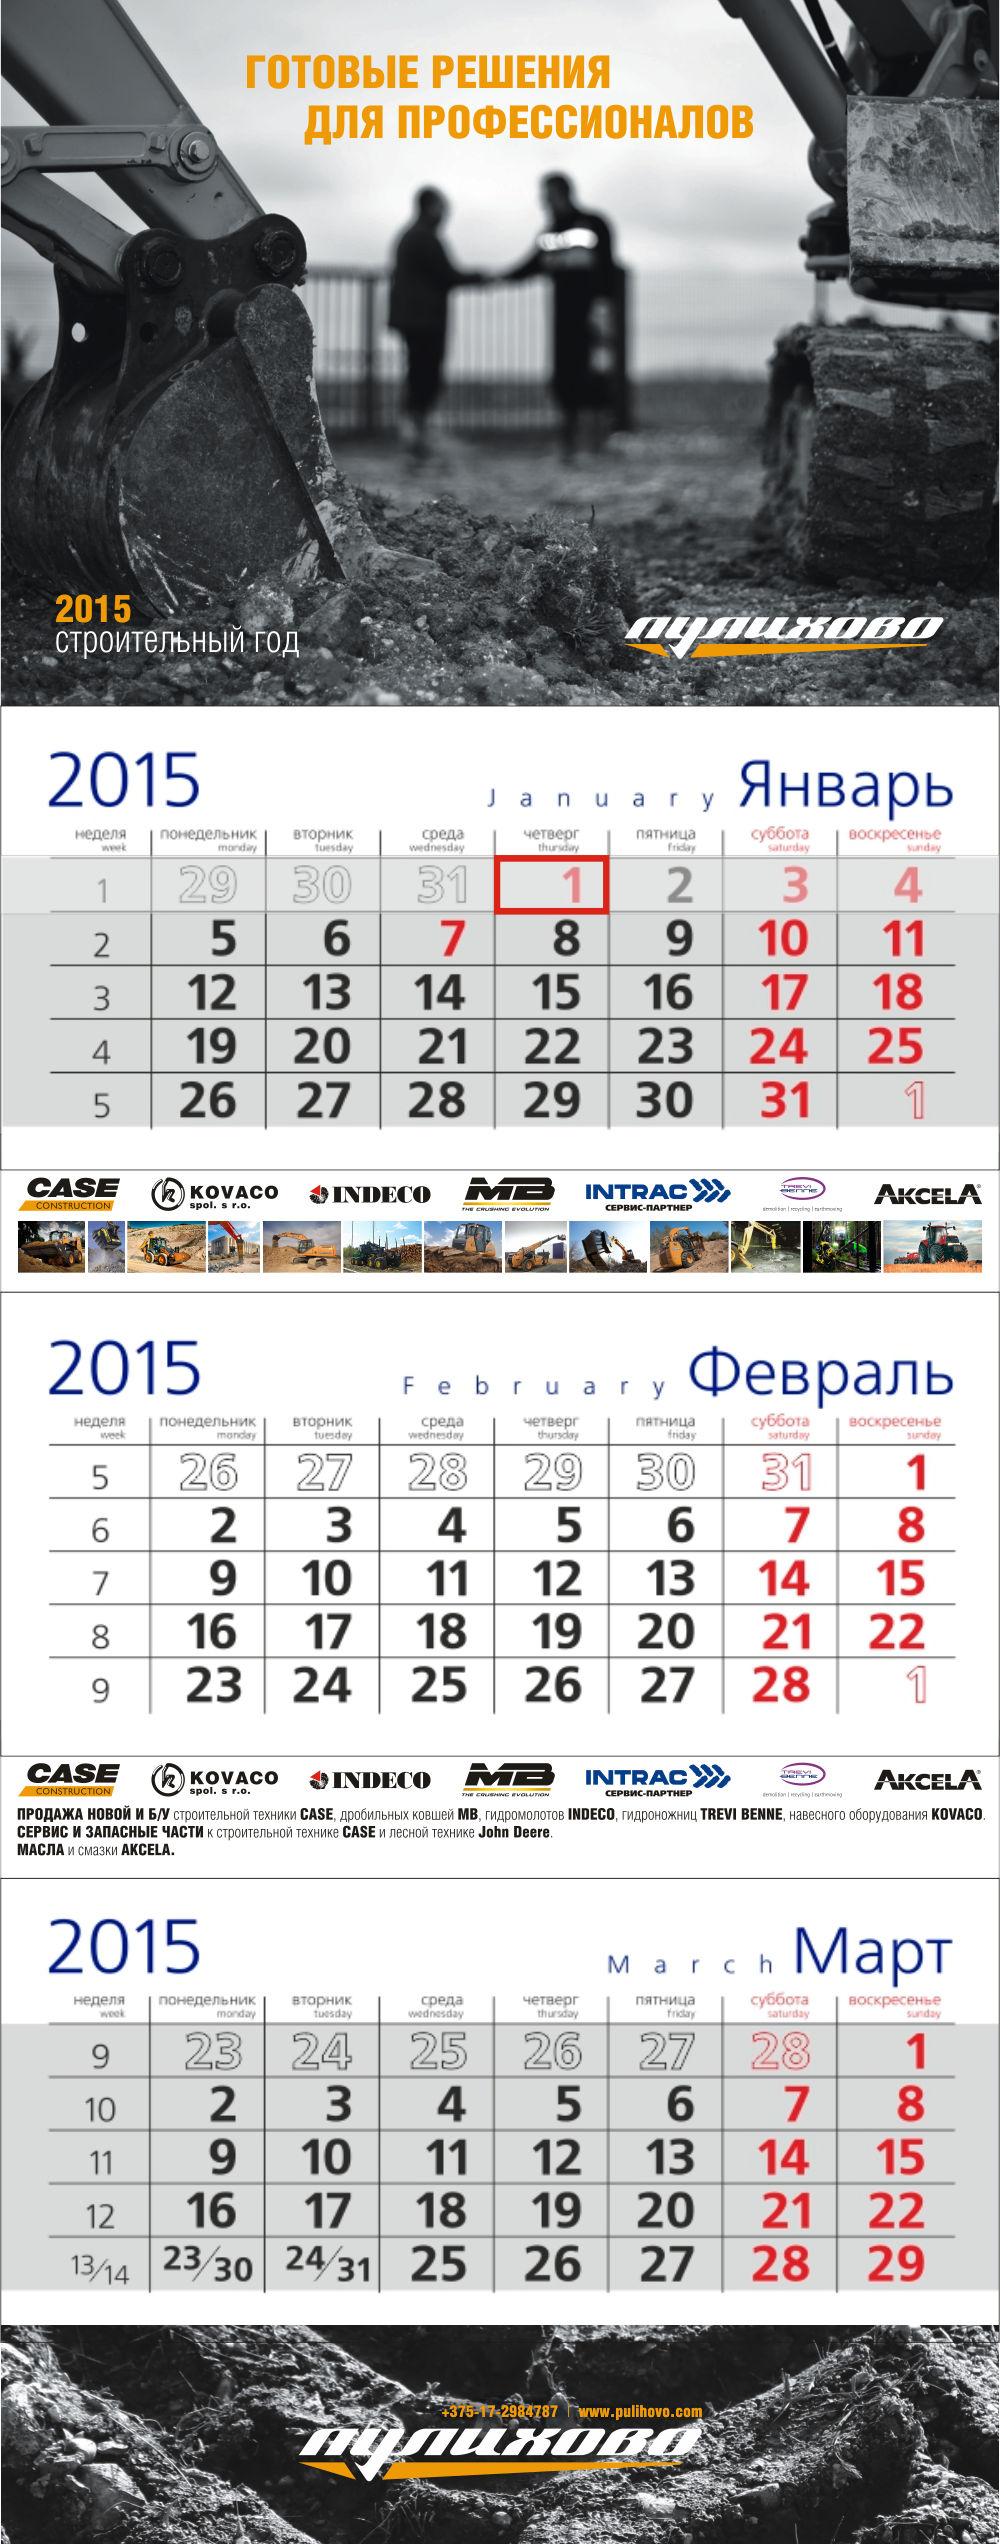 4 - Квартальный календарь Пулихово 2015